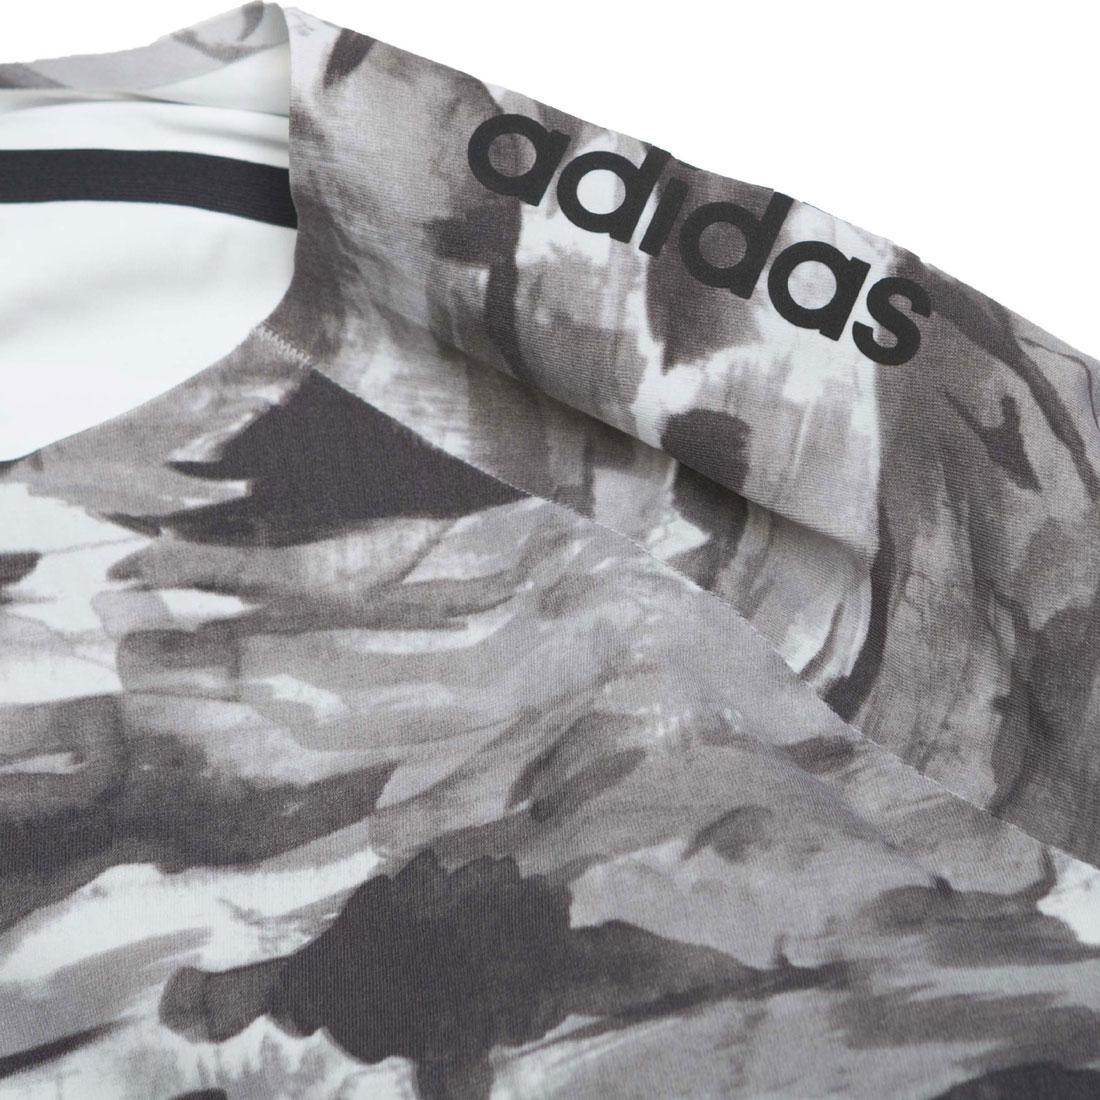 e1e3844da92cb Adidas x Undefeated Men Alphaskin 360 1/1 Top Long Sleeve Tee (black / white  / shift grey)